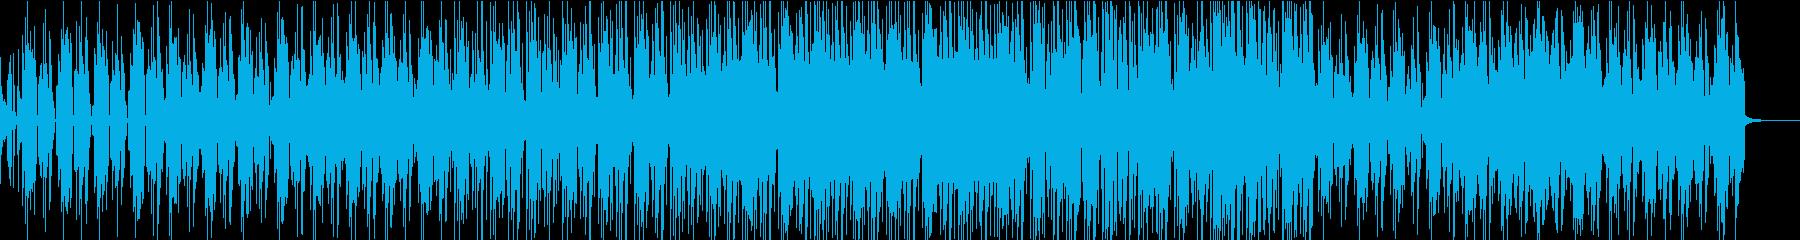 ハッピーバースデーのレゲエバージョンの再生済みの波形